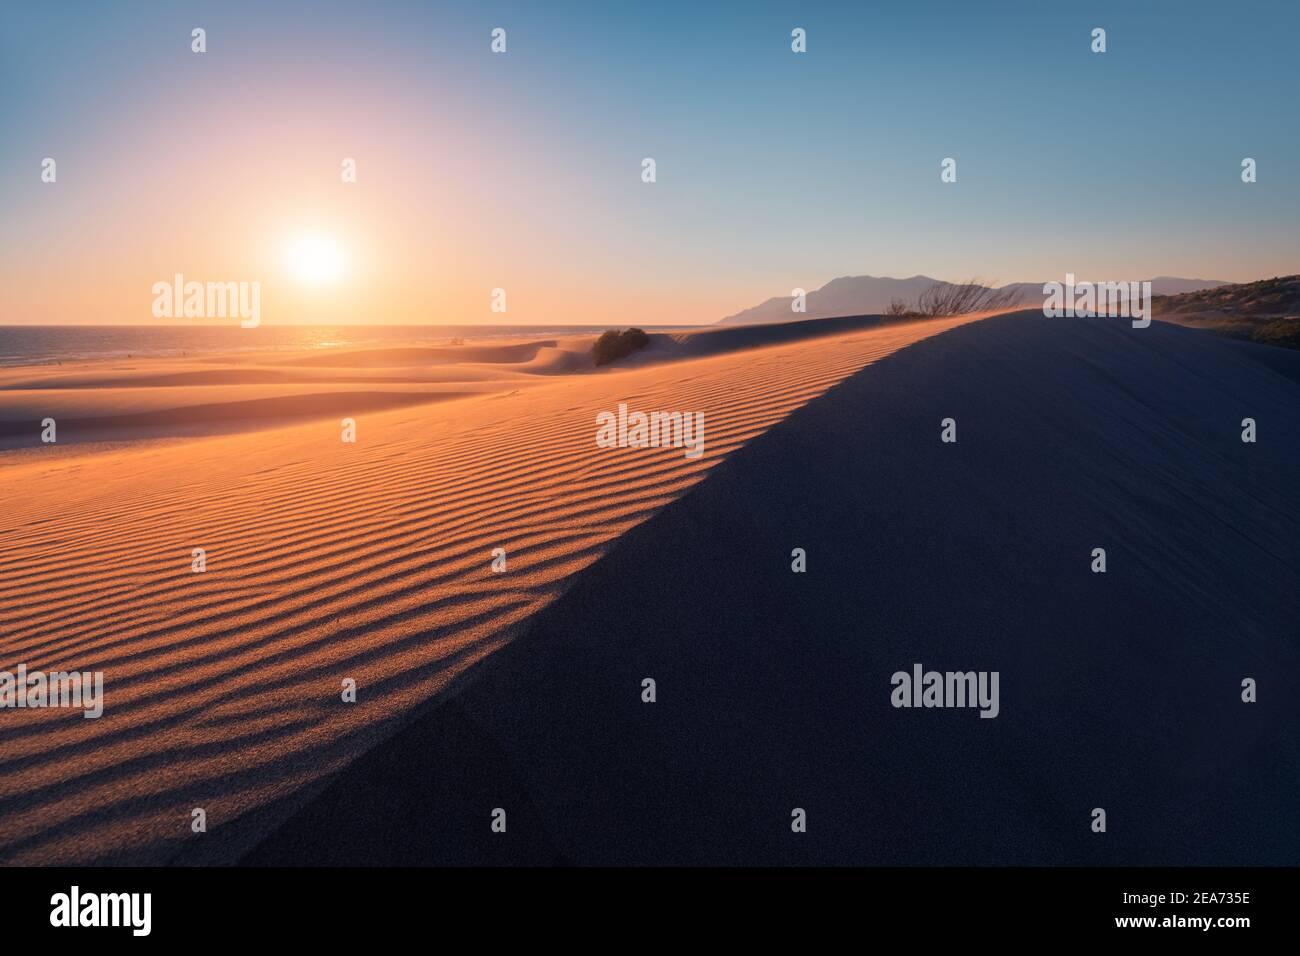 Lumière d'ambiance et mystique moody du coucher de soleil éclairé sunbeam la pente d'une dune de sable quelque part dans les profondeurs Du désert du Sahara Banque D'Images